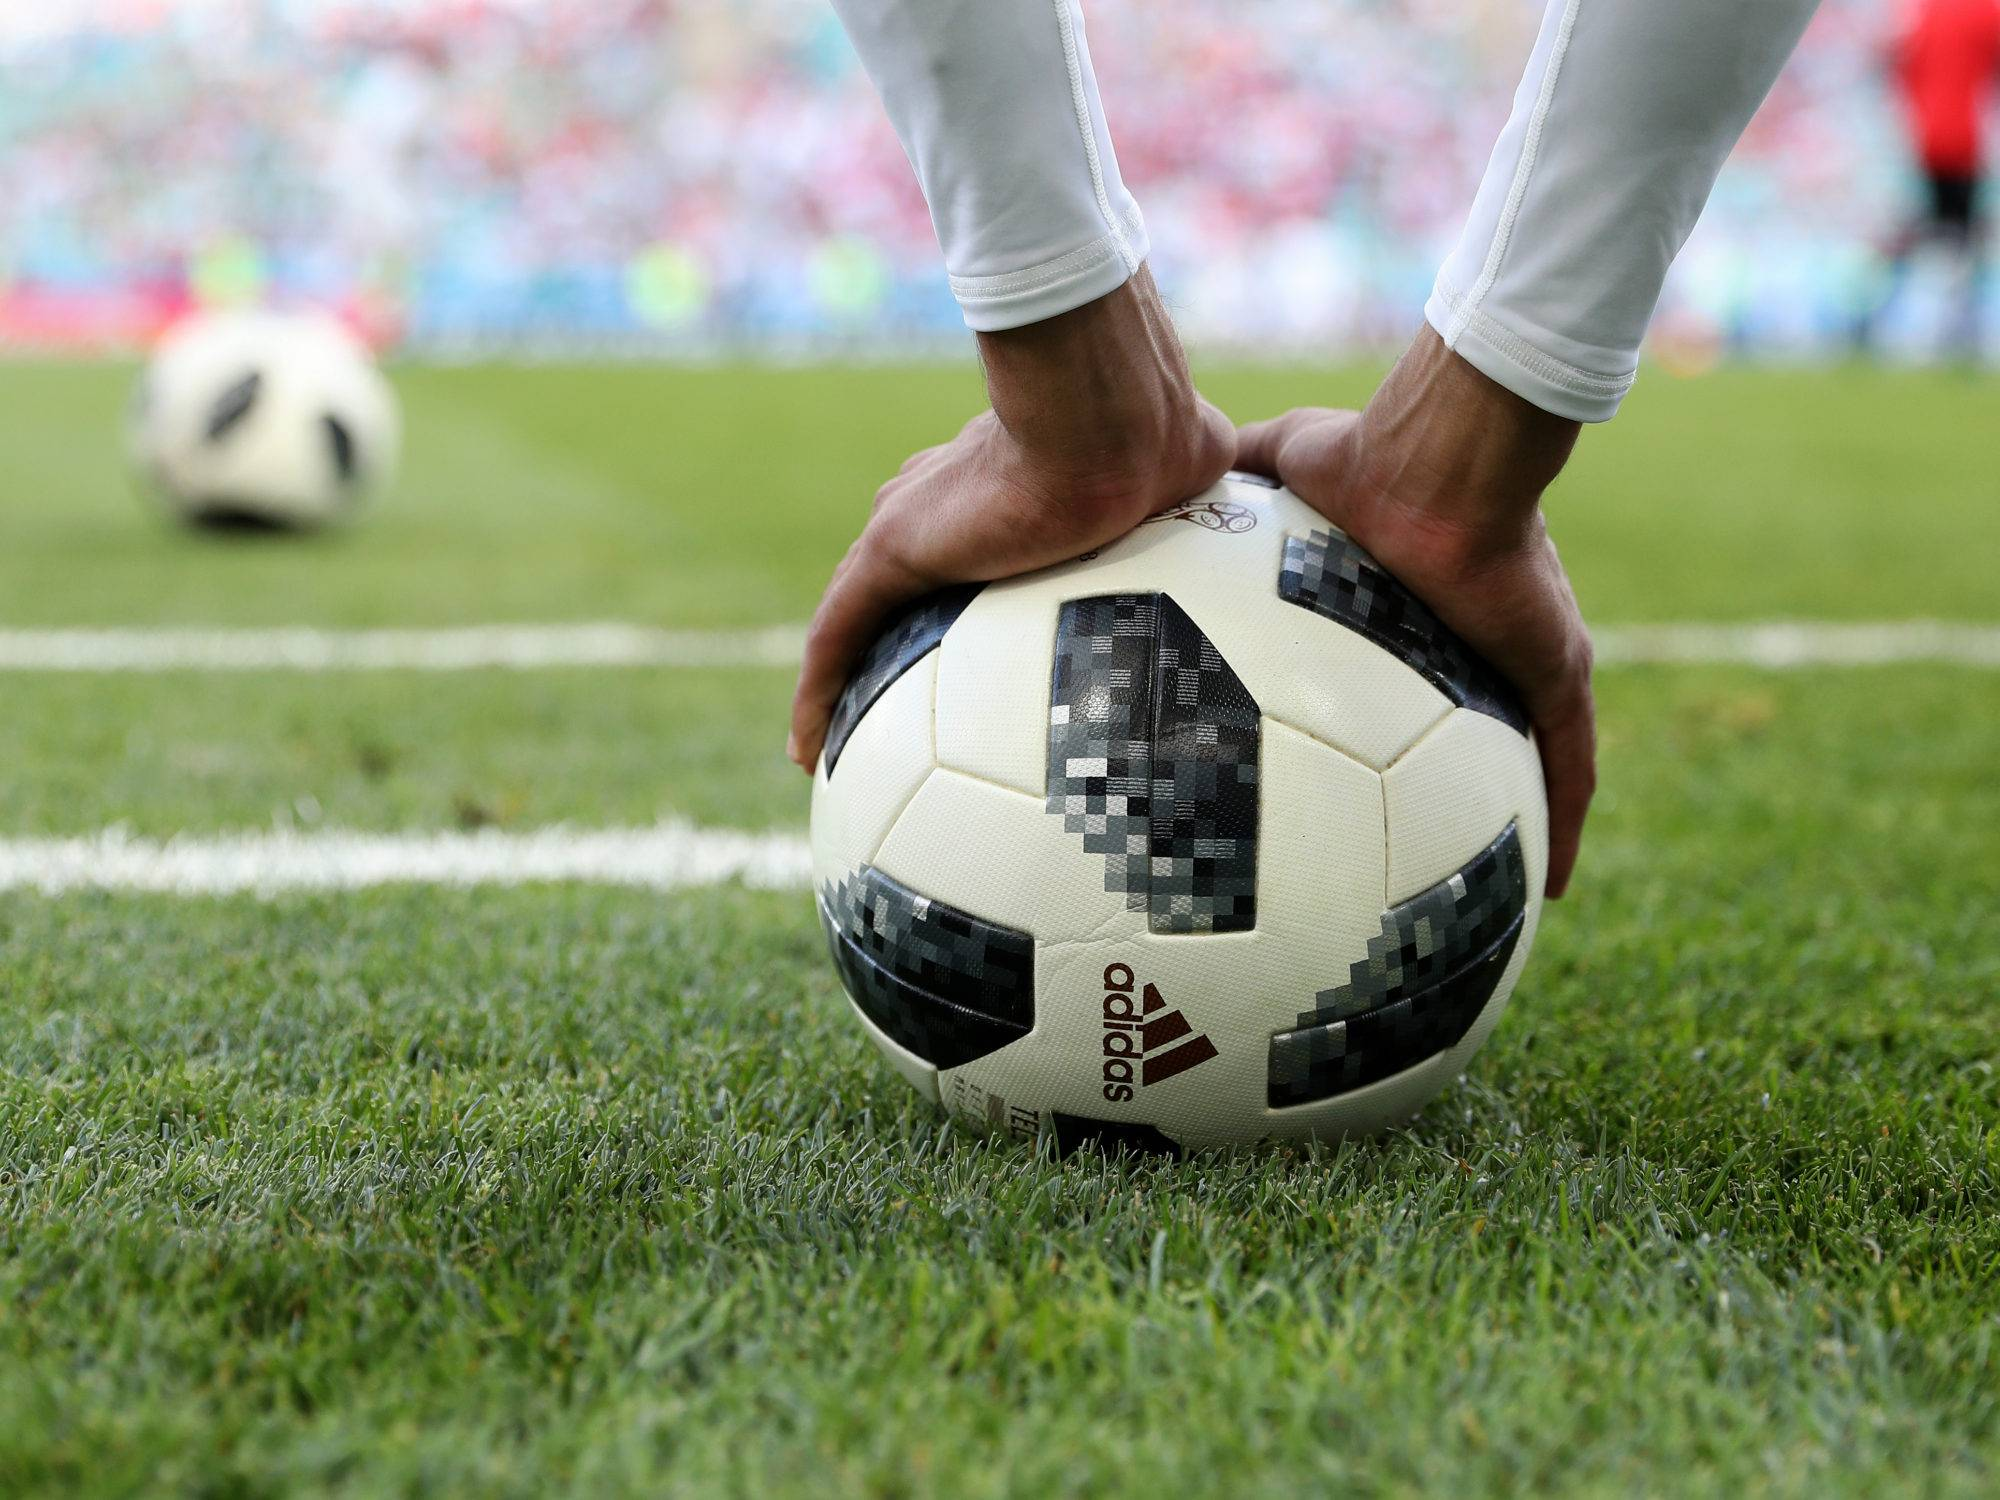 Штрафной и свободный удары в футболе